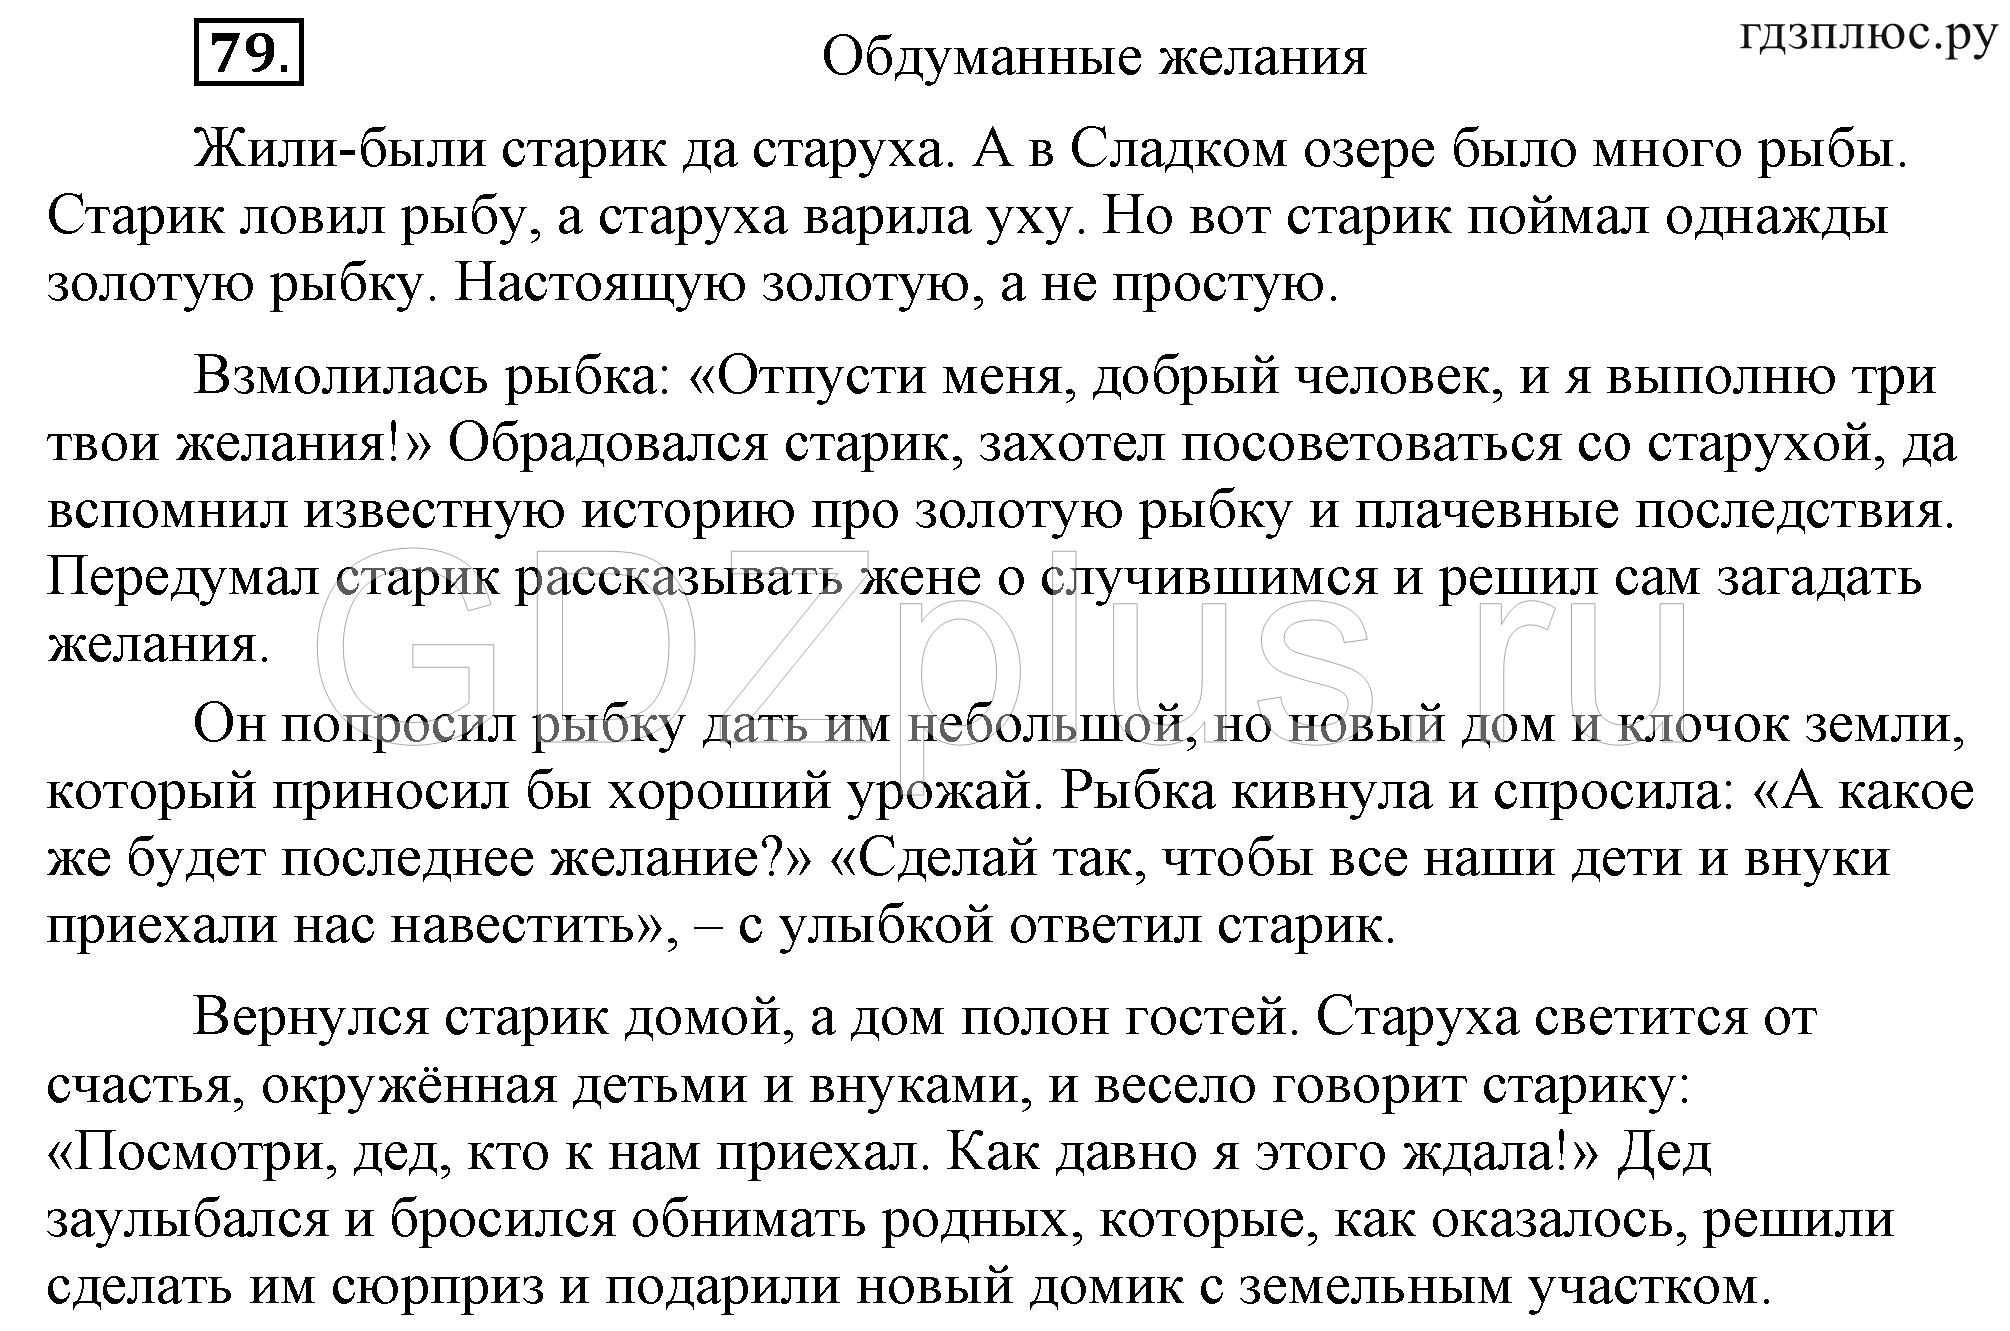 Гдз по русскому языку 6 класс баранов, ладыженская.